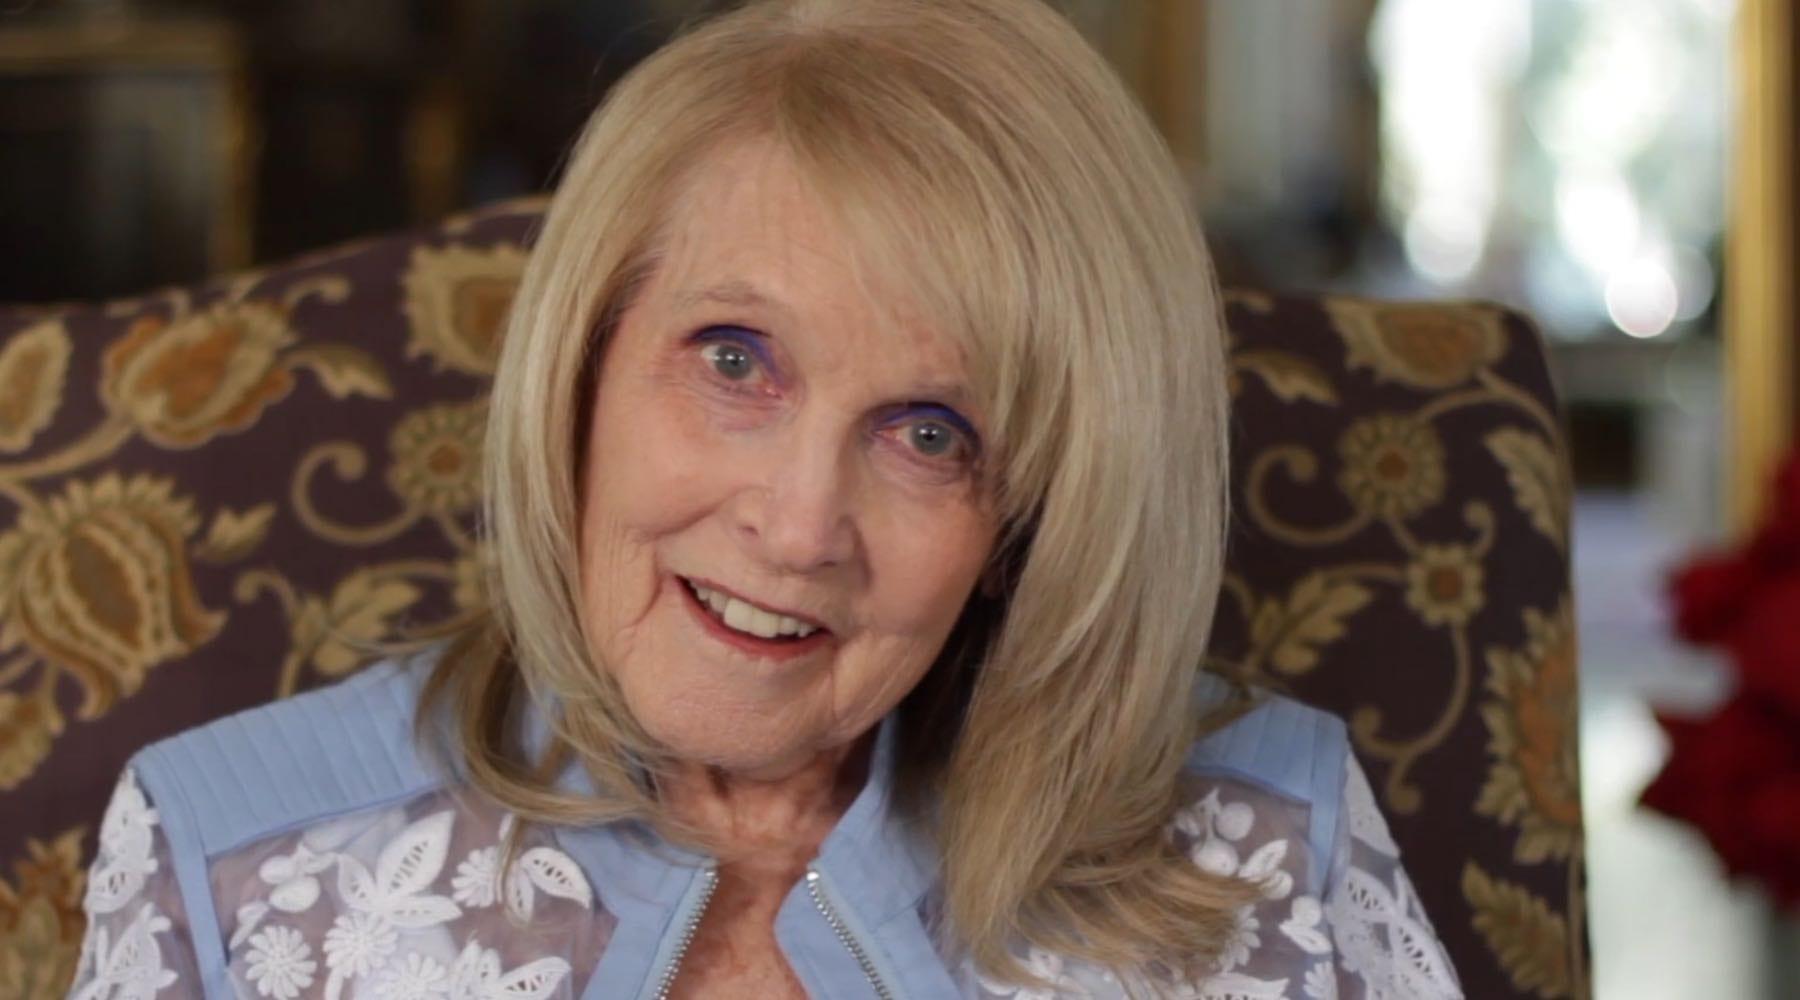 Baptist Philanthropist 'Babs' Baugh Dies